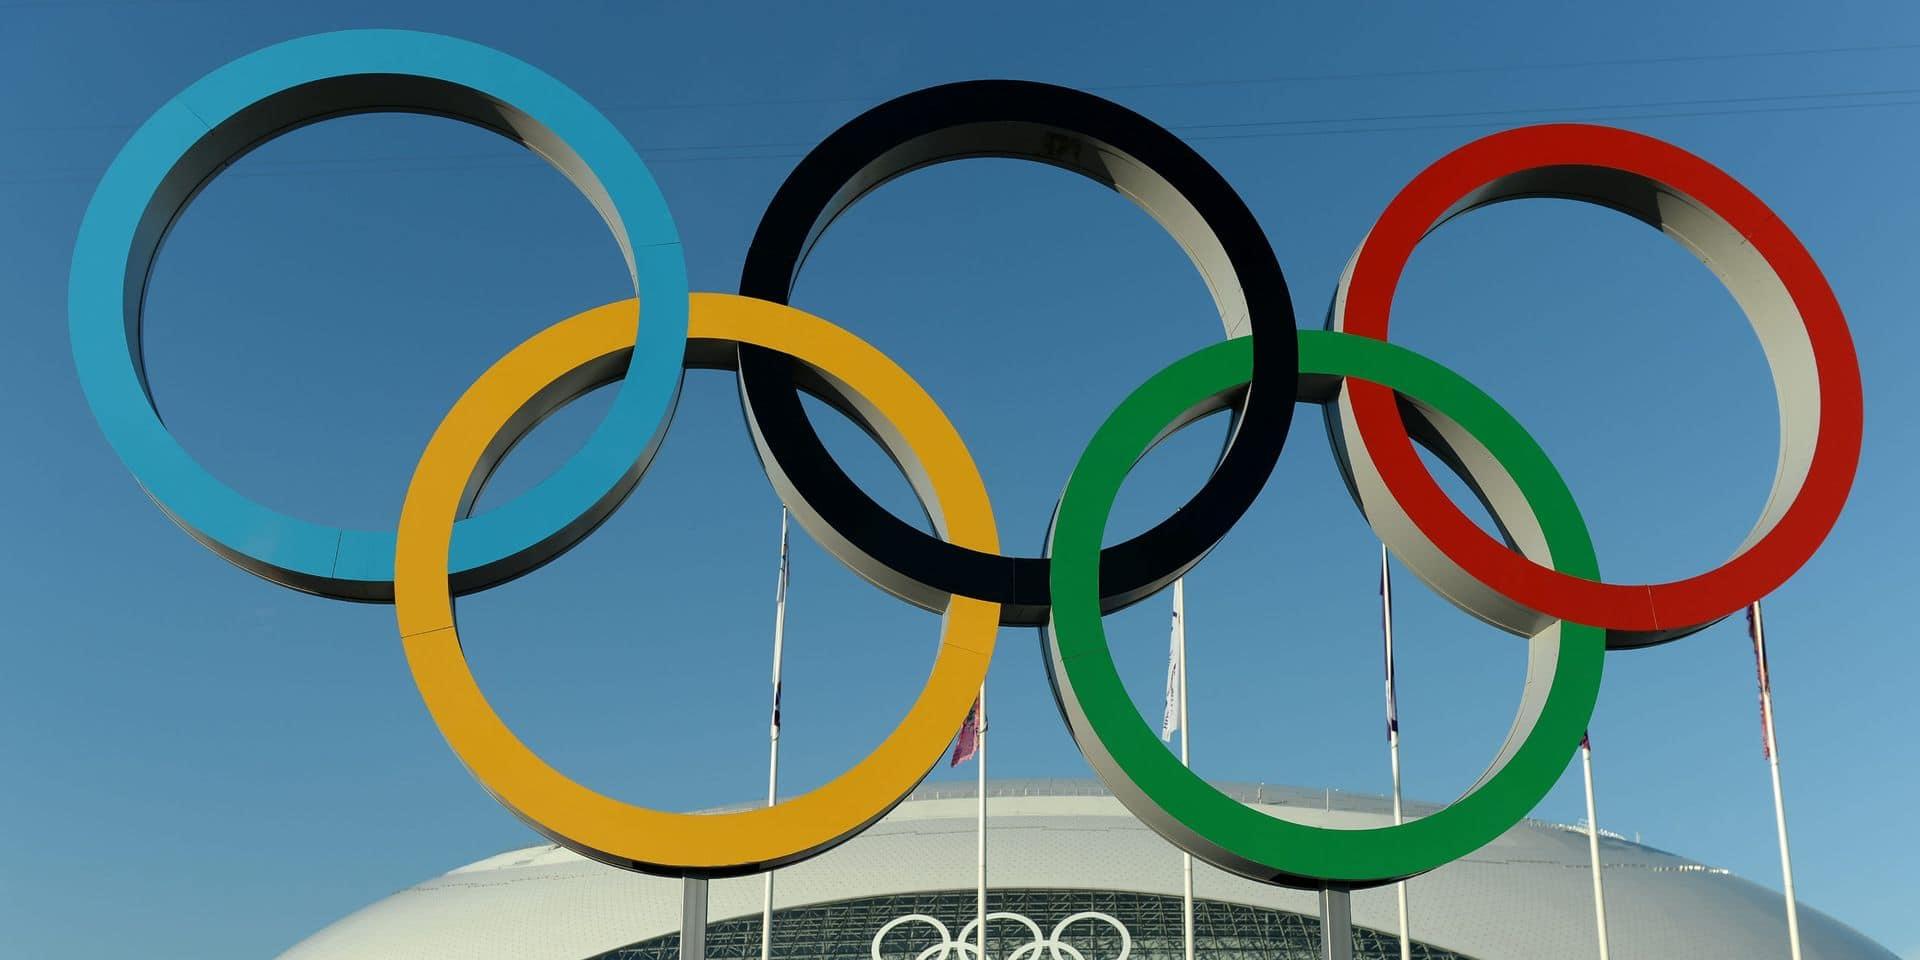 Le logo des Jeux Olympiques de 2024 à Paris a été dévoilé et il ressemble étrangement à celui de... Tinder !